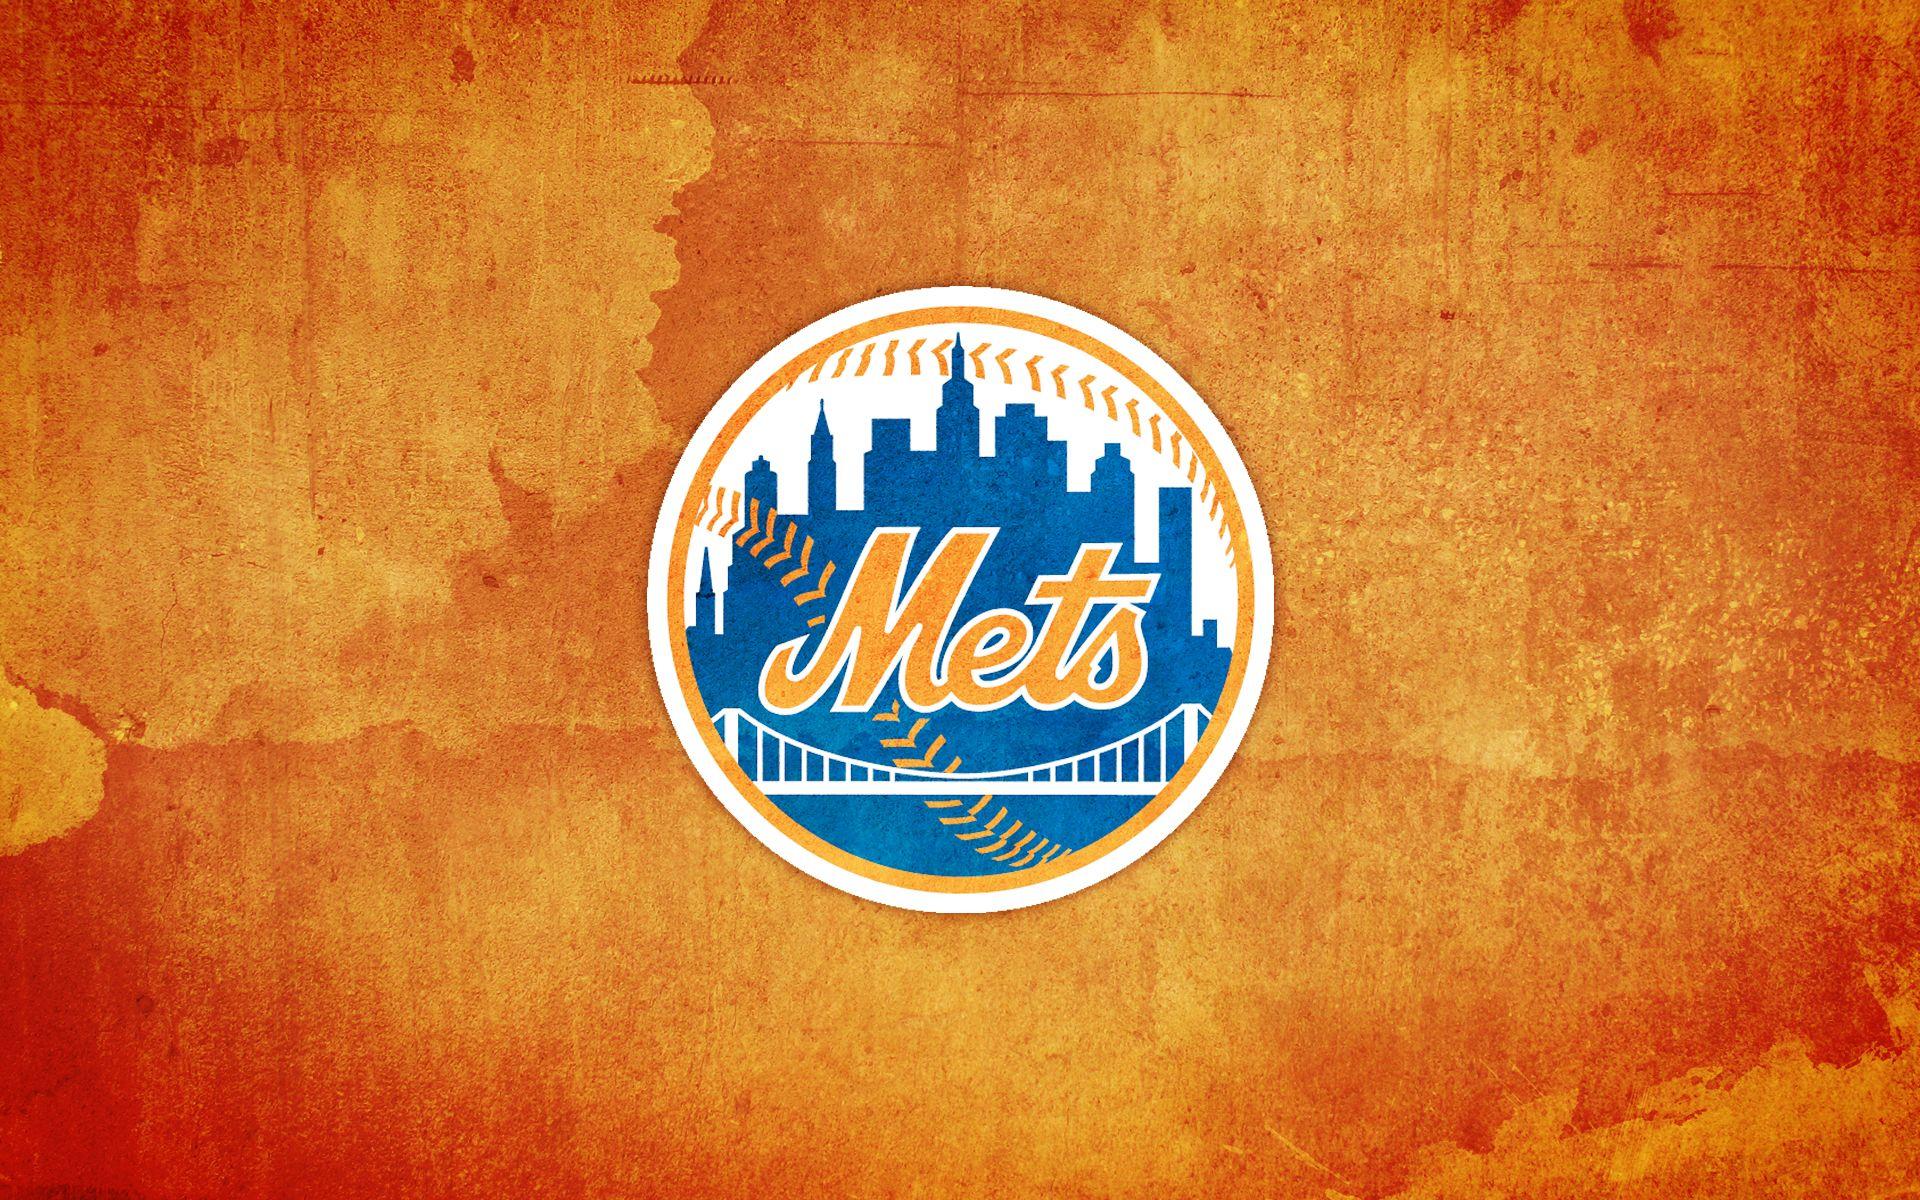 New York Mets Desktop Wallpapers wallpapers 2020 Mets